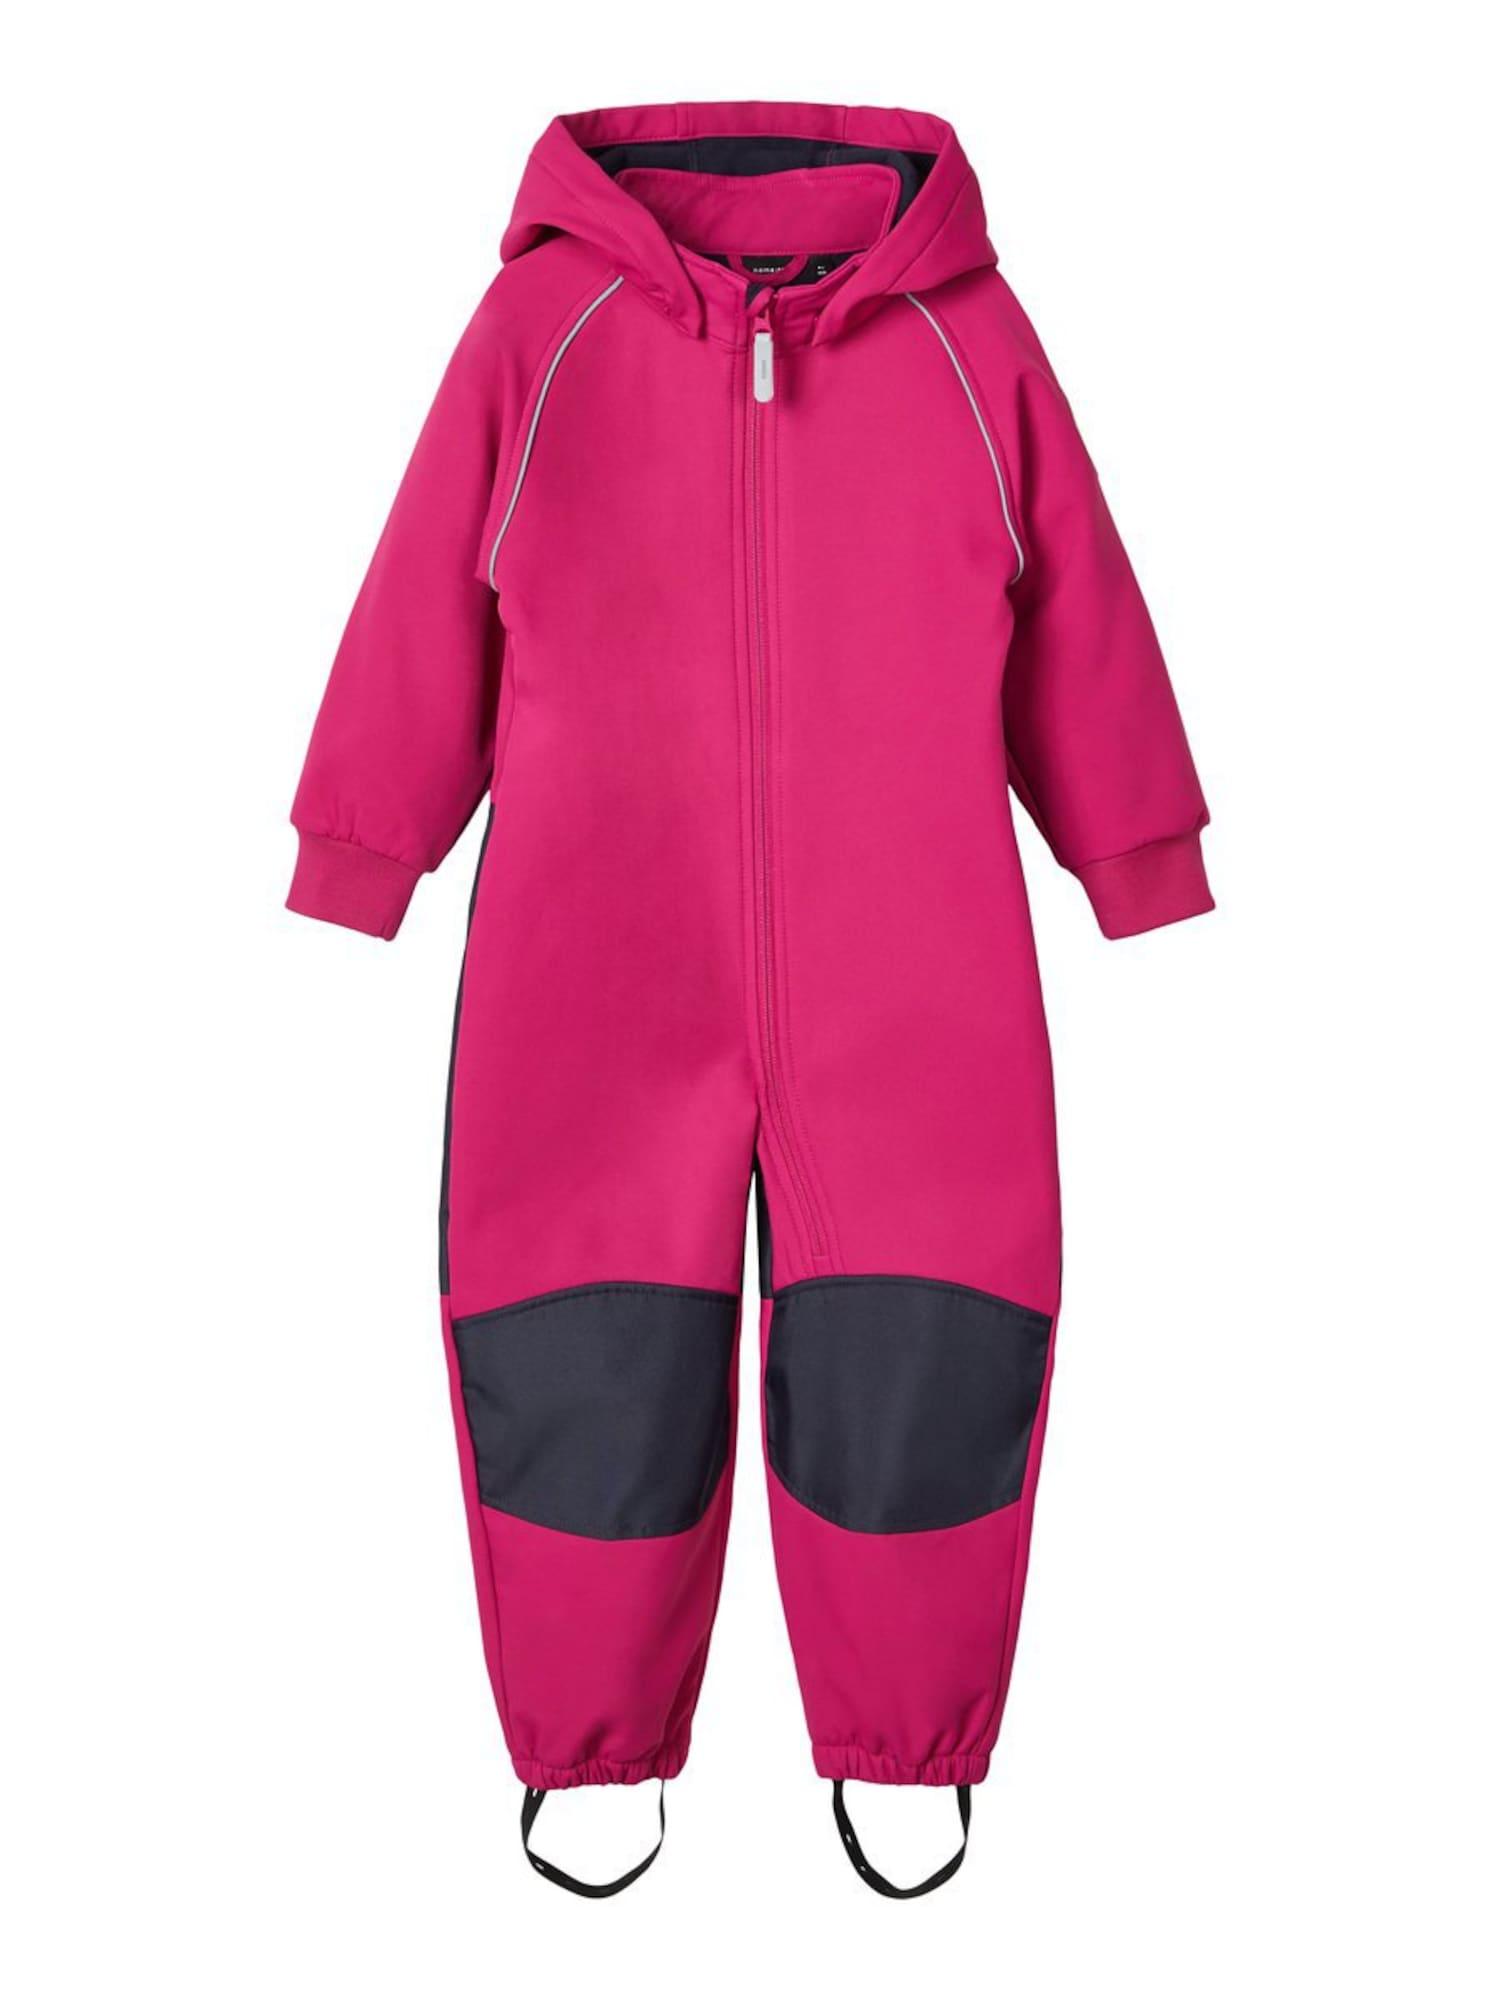 NAME IT Dalykinio stiliaus kostiumas 'Malta' juoda / rožinė